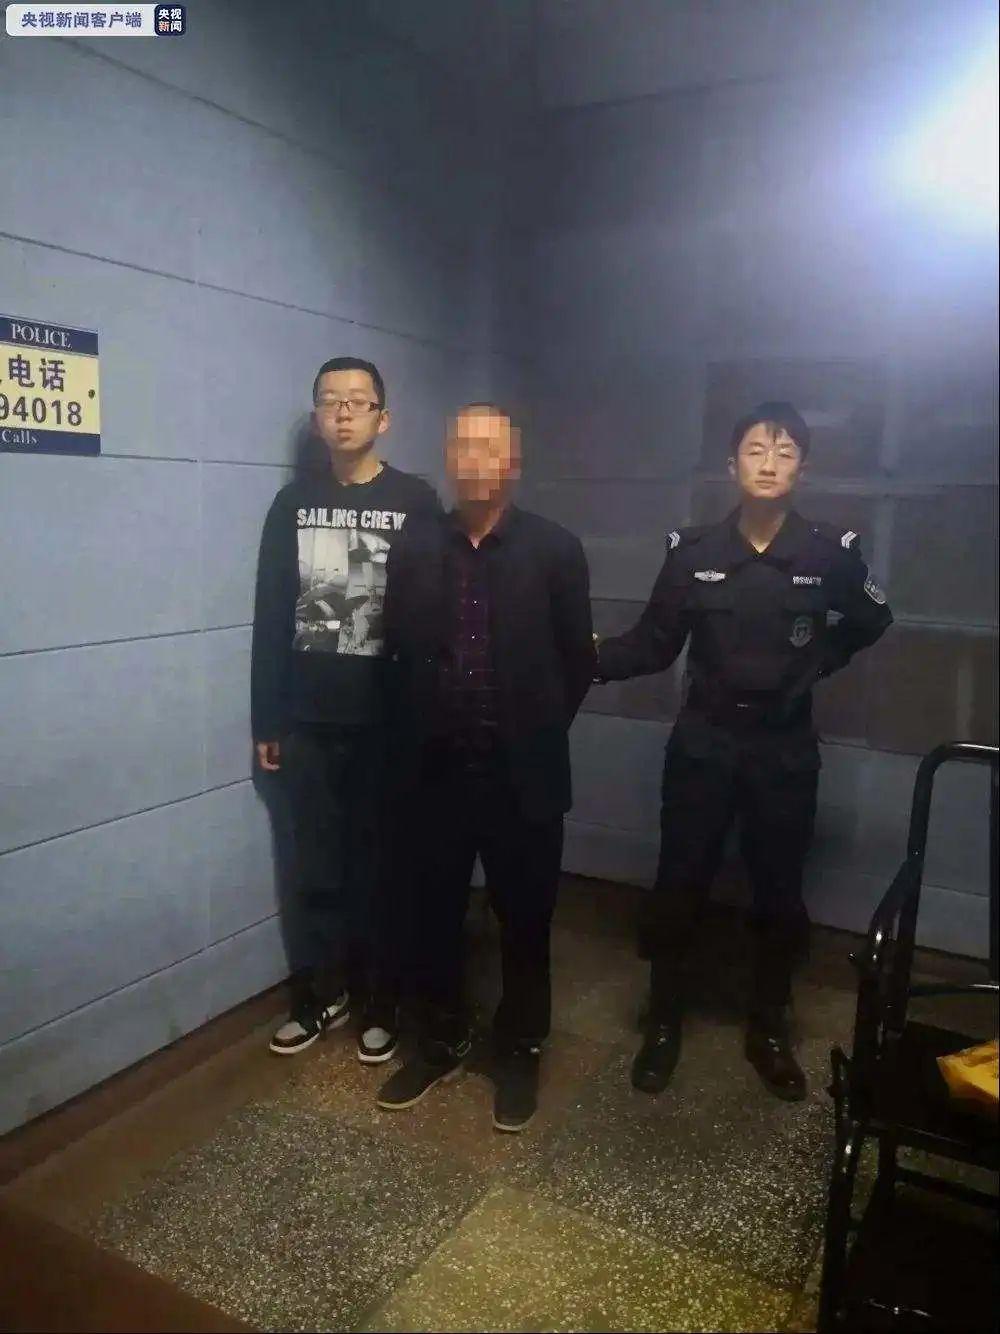 「命案追逃」年少轻狂犯命案!云南曲靖一逃犯潜逃24年后被抓获